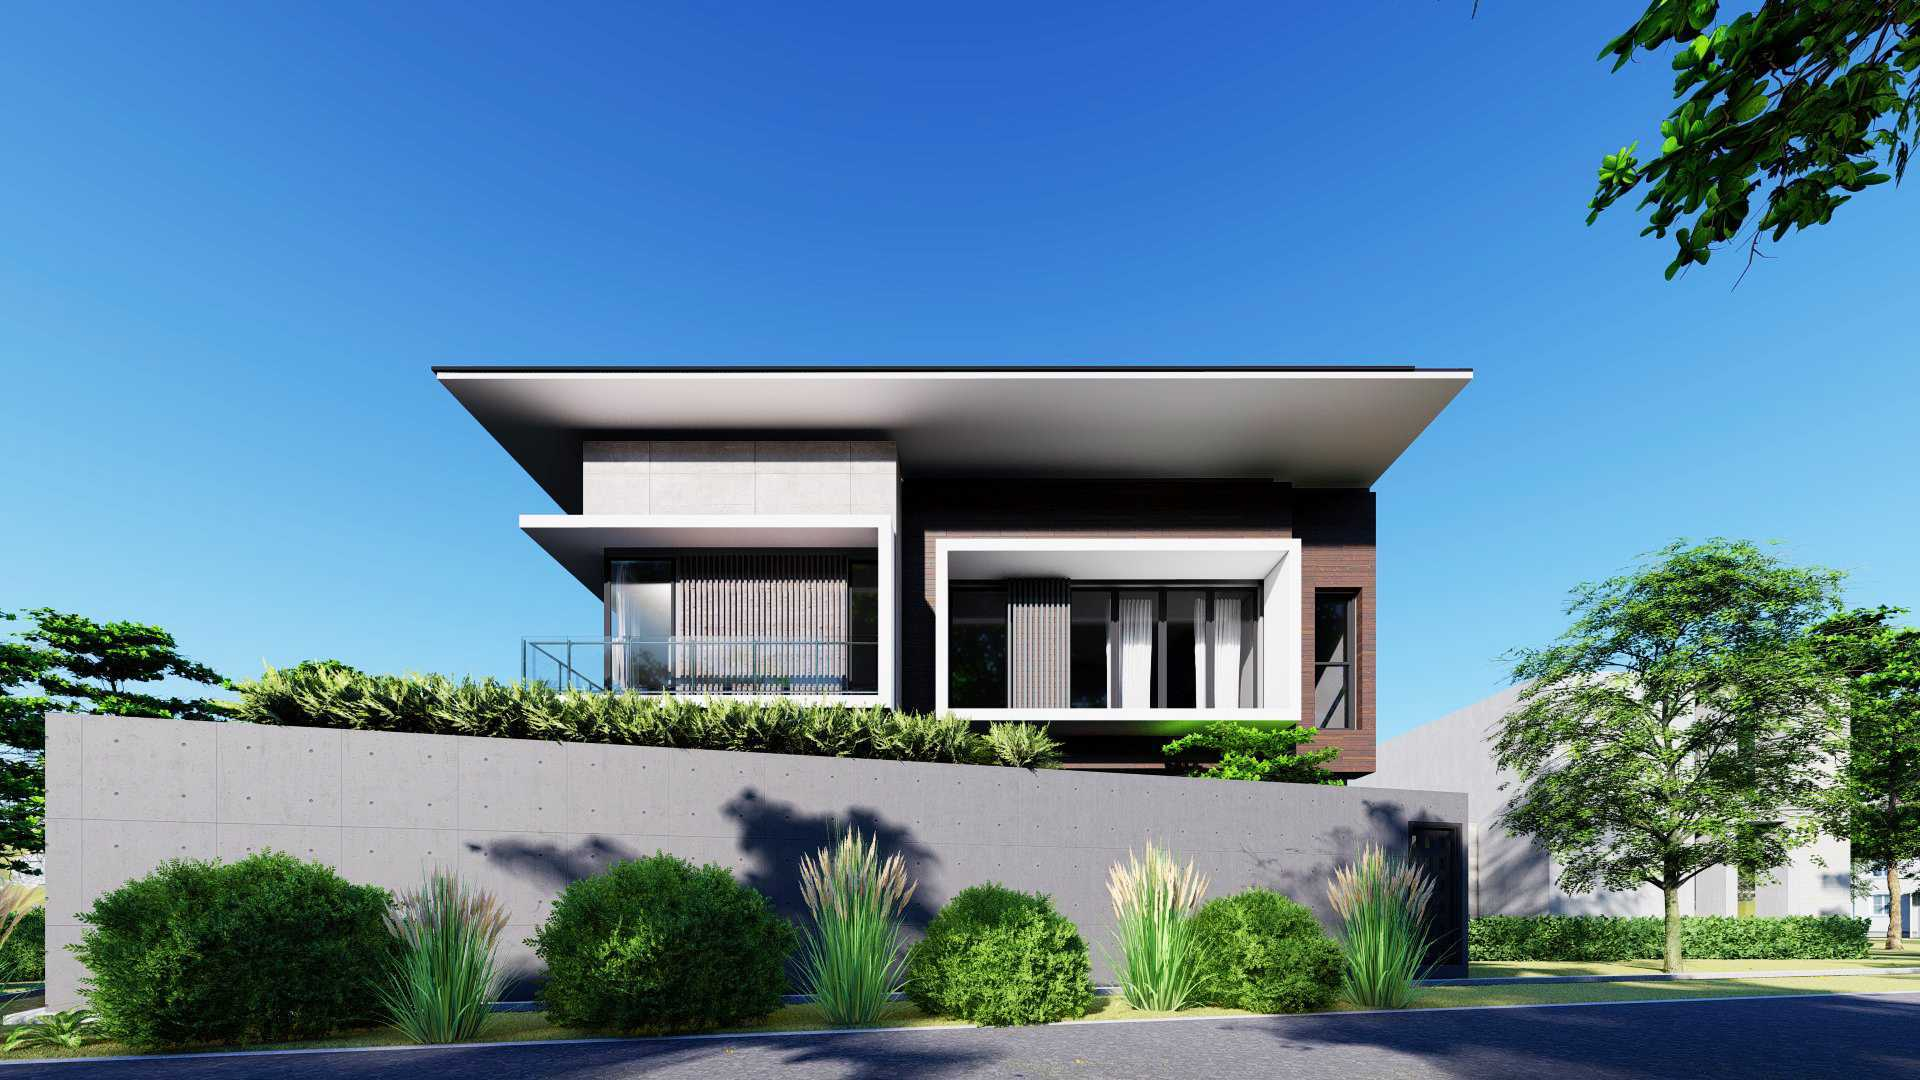 Aeternite Terrace House Semarang, Kota Semarang, Jawa Tengah, Indonesia Semarang, Kota Semarang, Jawa Tengah, Indonesia Aeternite-Terrace-House   56462